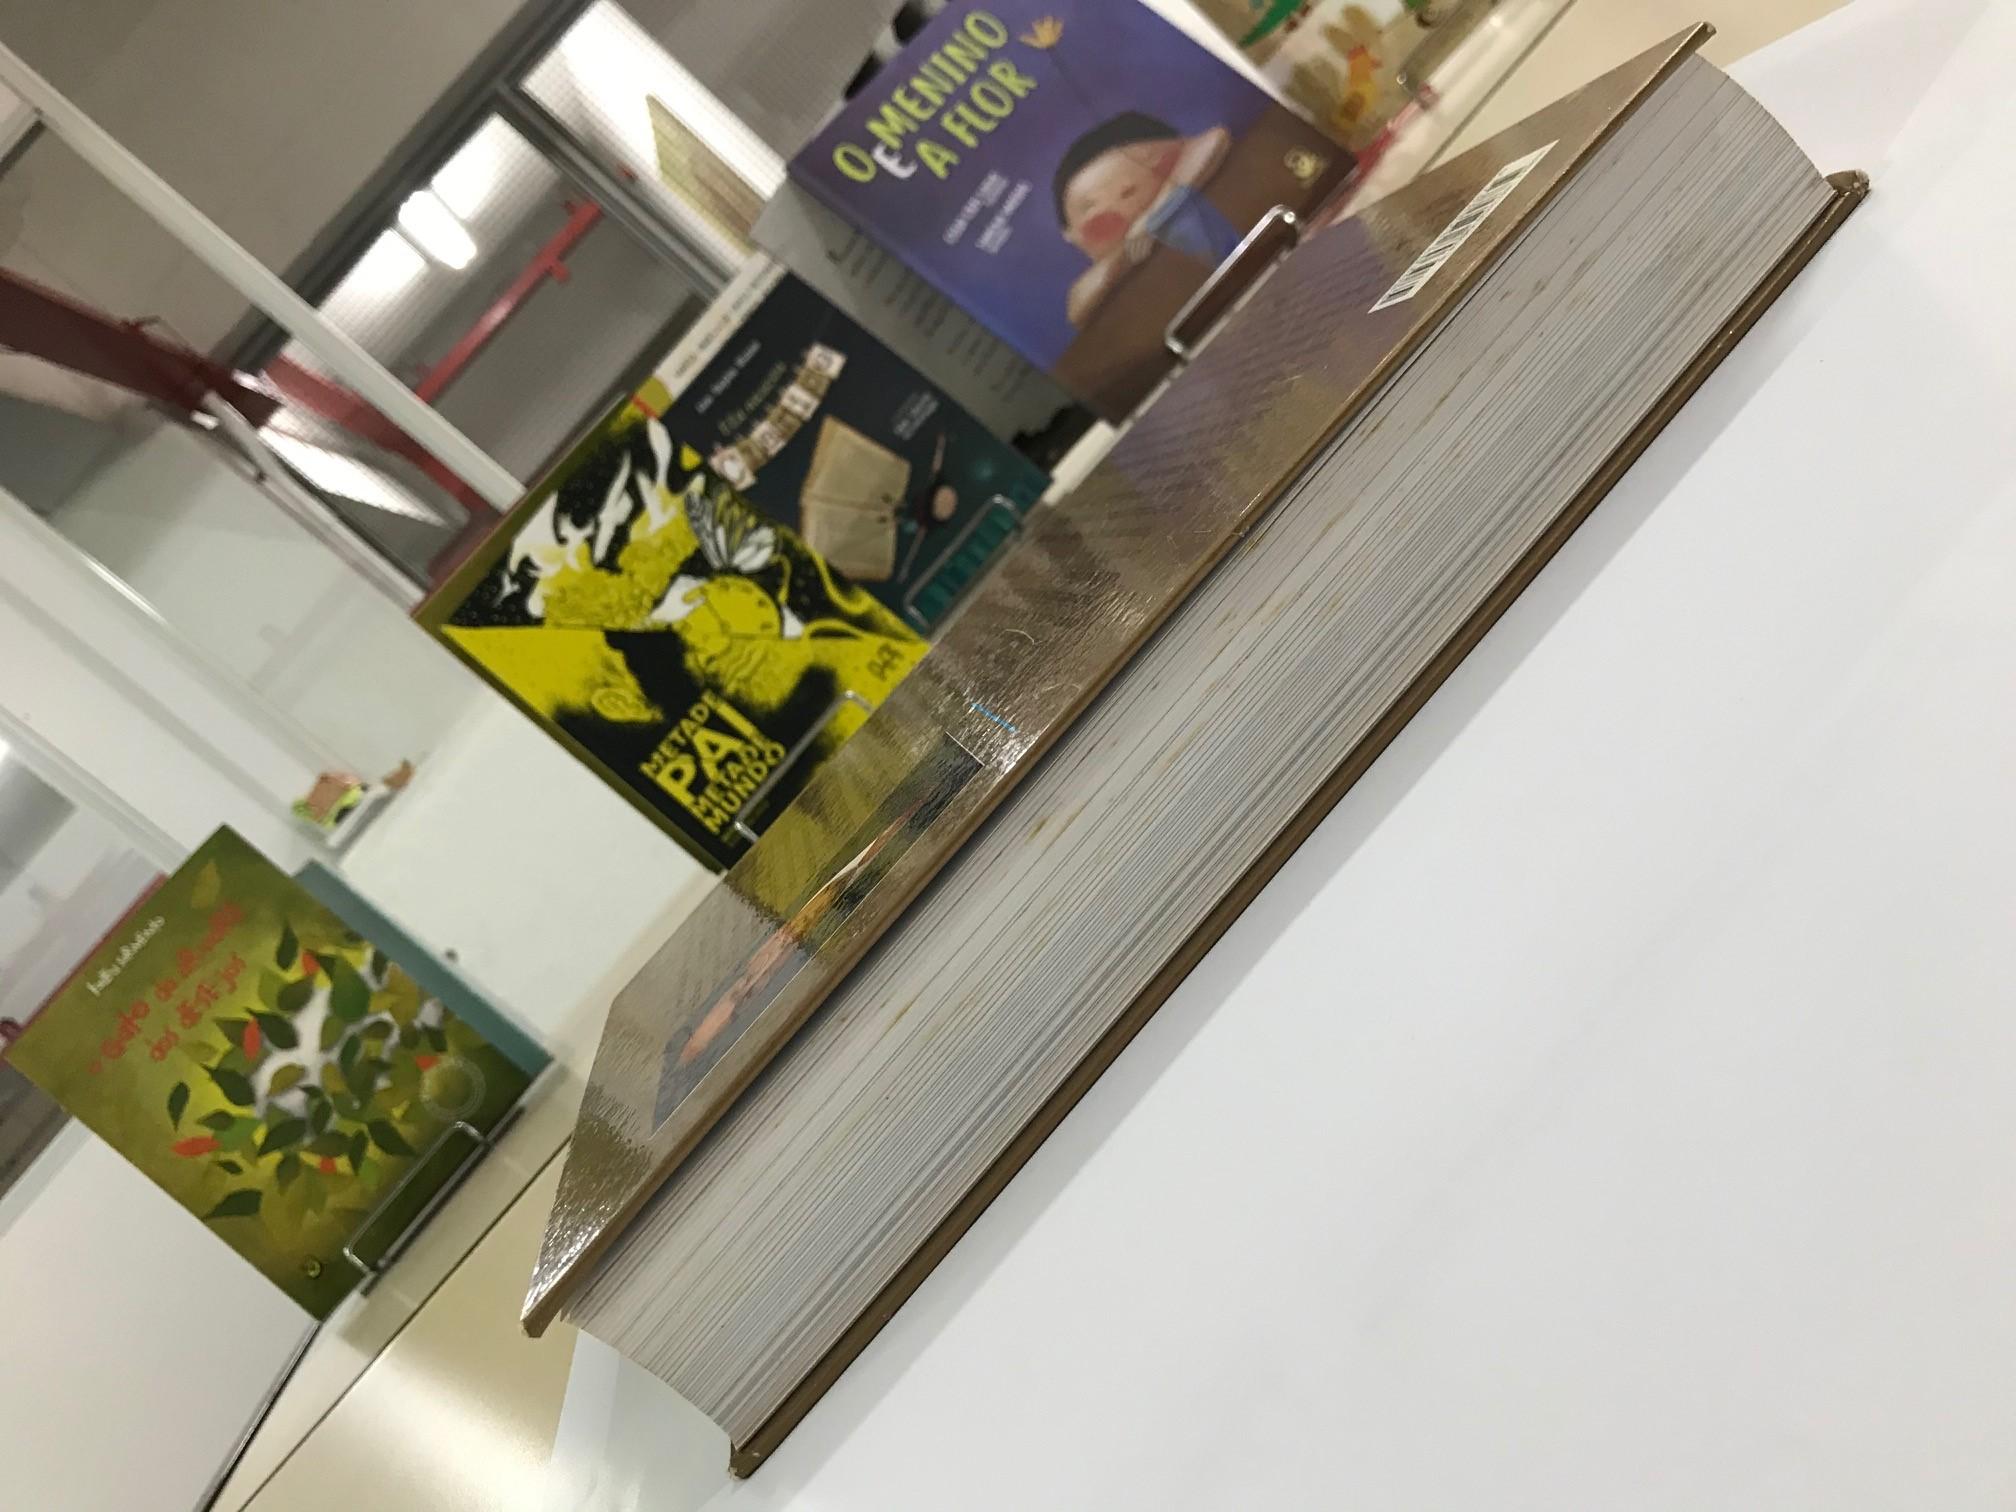 Corte dianteiro do livro, com O gato da árvore dos desejos, Metade pai, metade mundo, O Menino e a flor e Ela nasceu Clarice ao fundo. Imagem ilustrativa texto partes do livro.